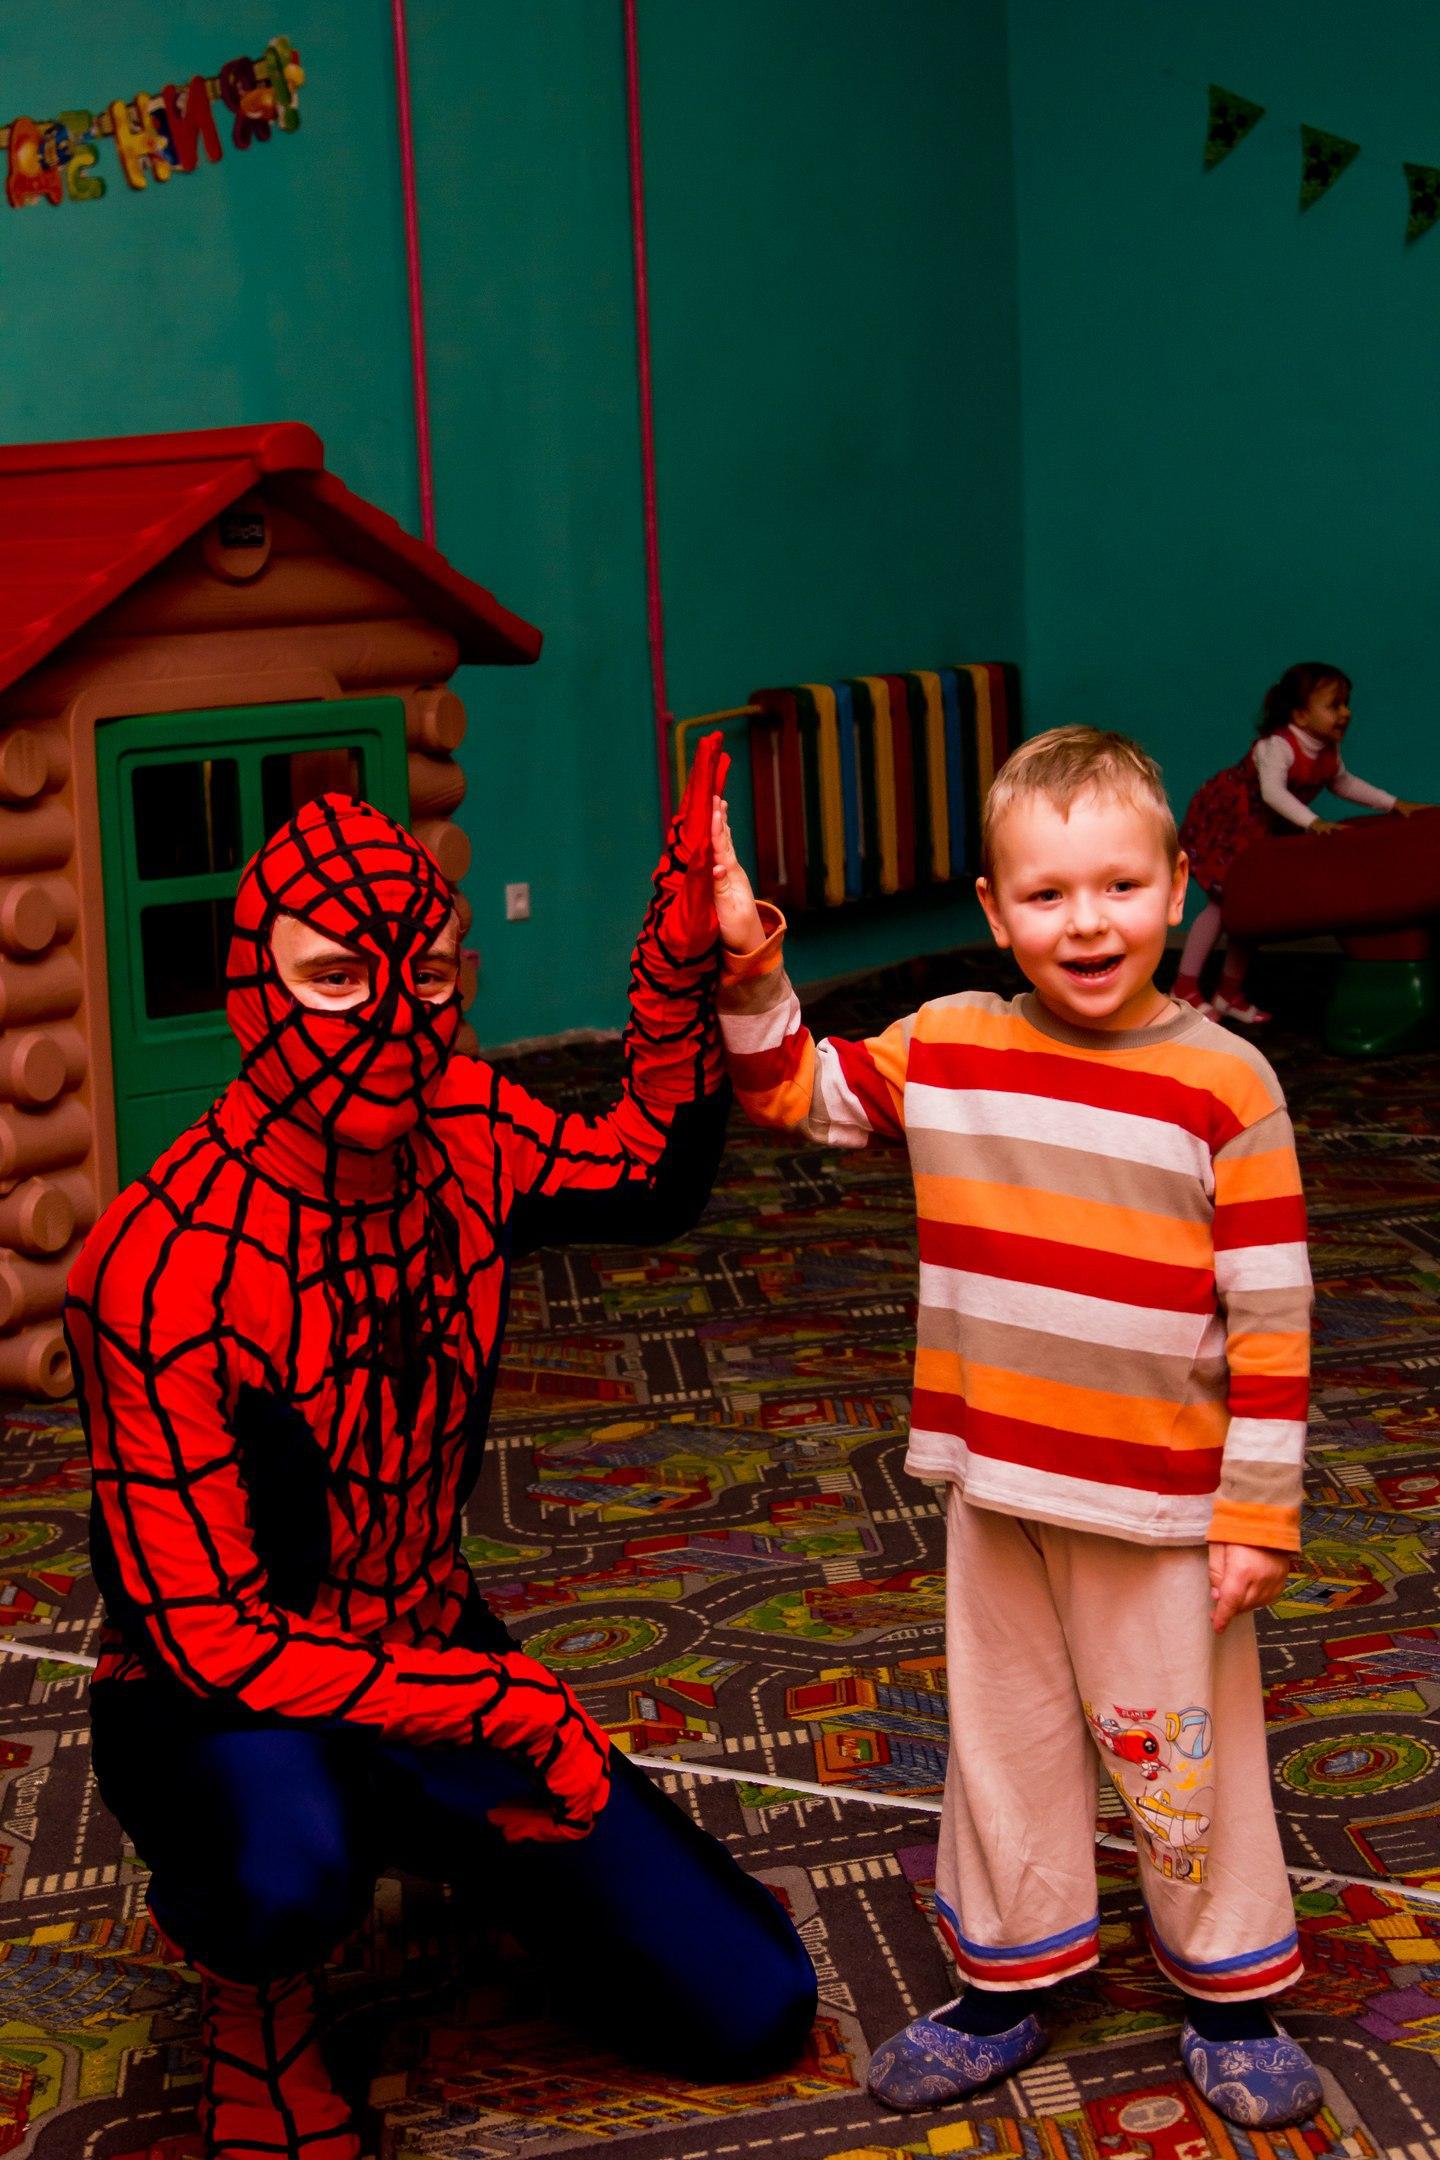 заказать детский аниматор человек паук в запорожье